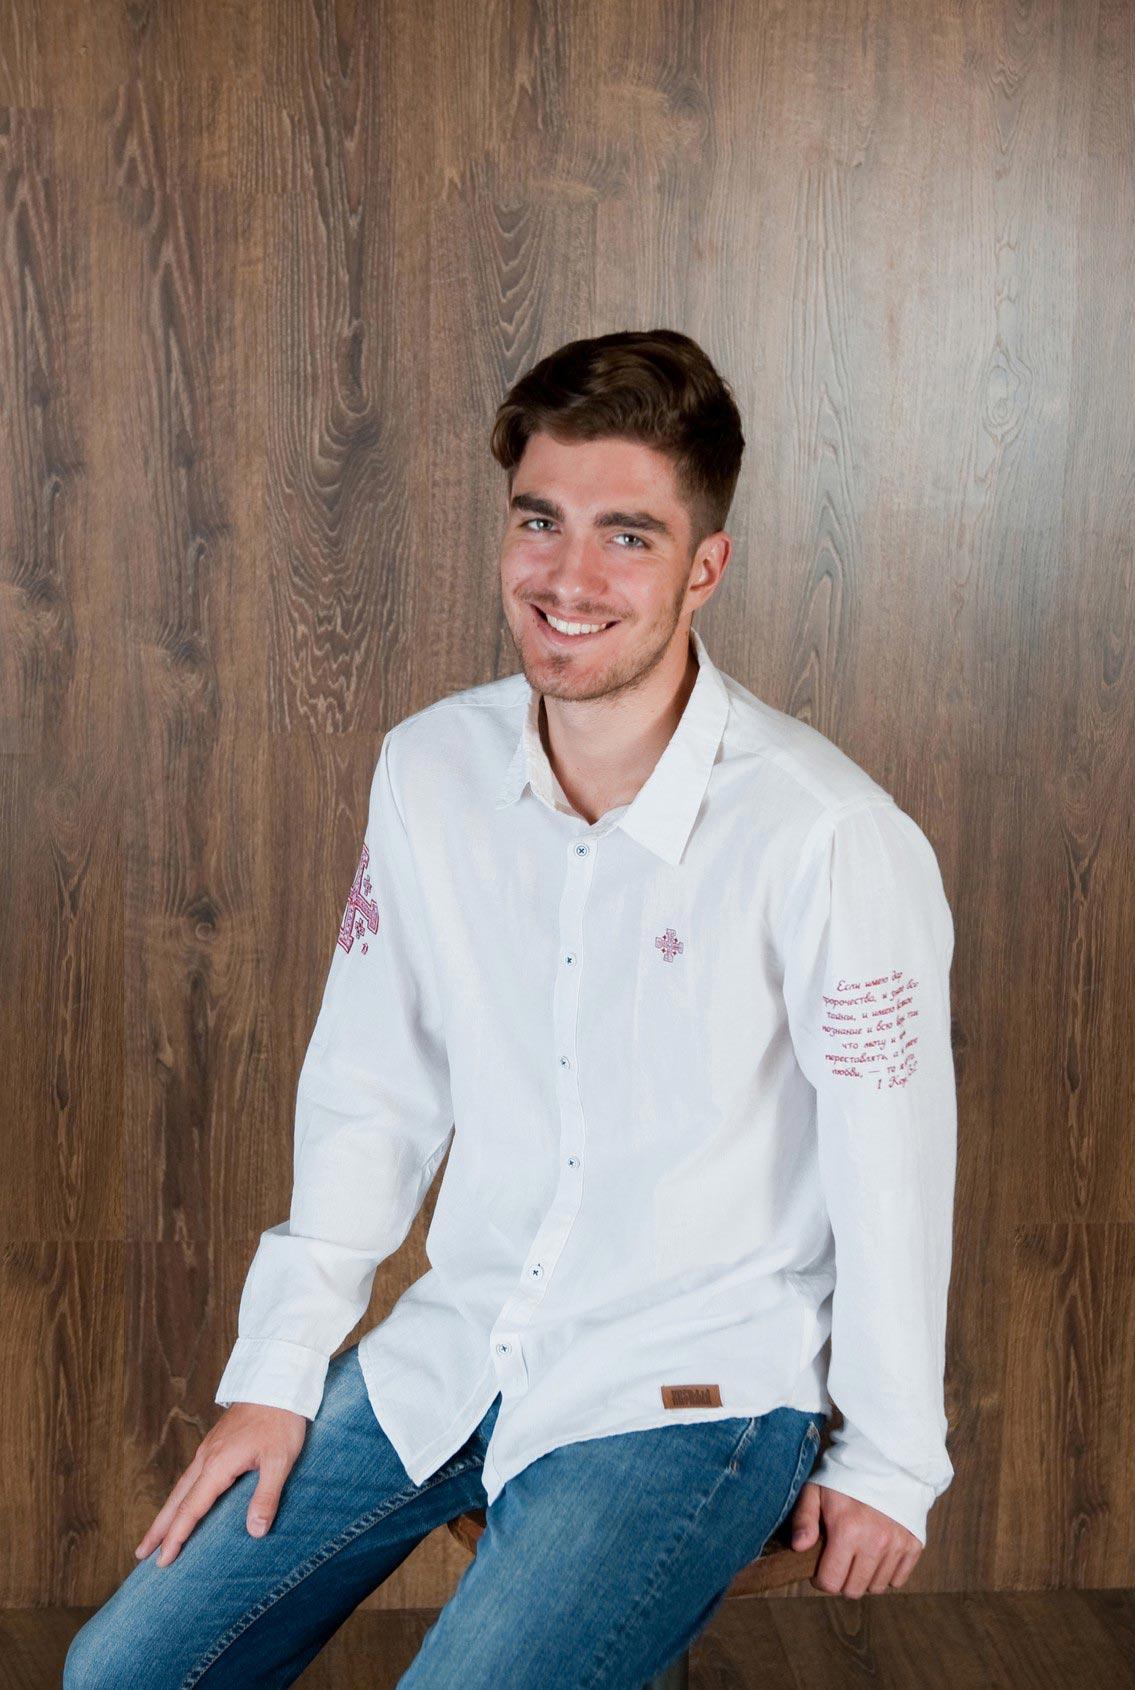 белая рубашка с красным крестом, white shirt with a red cross